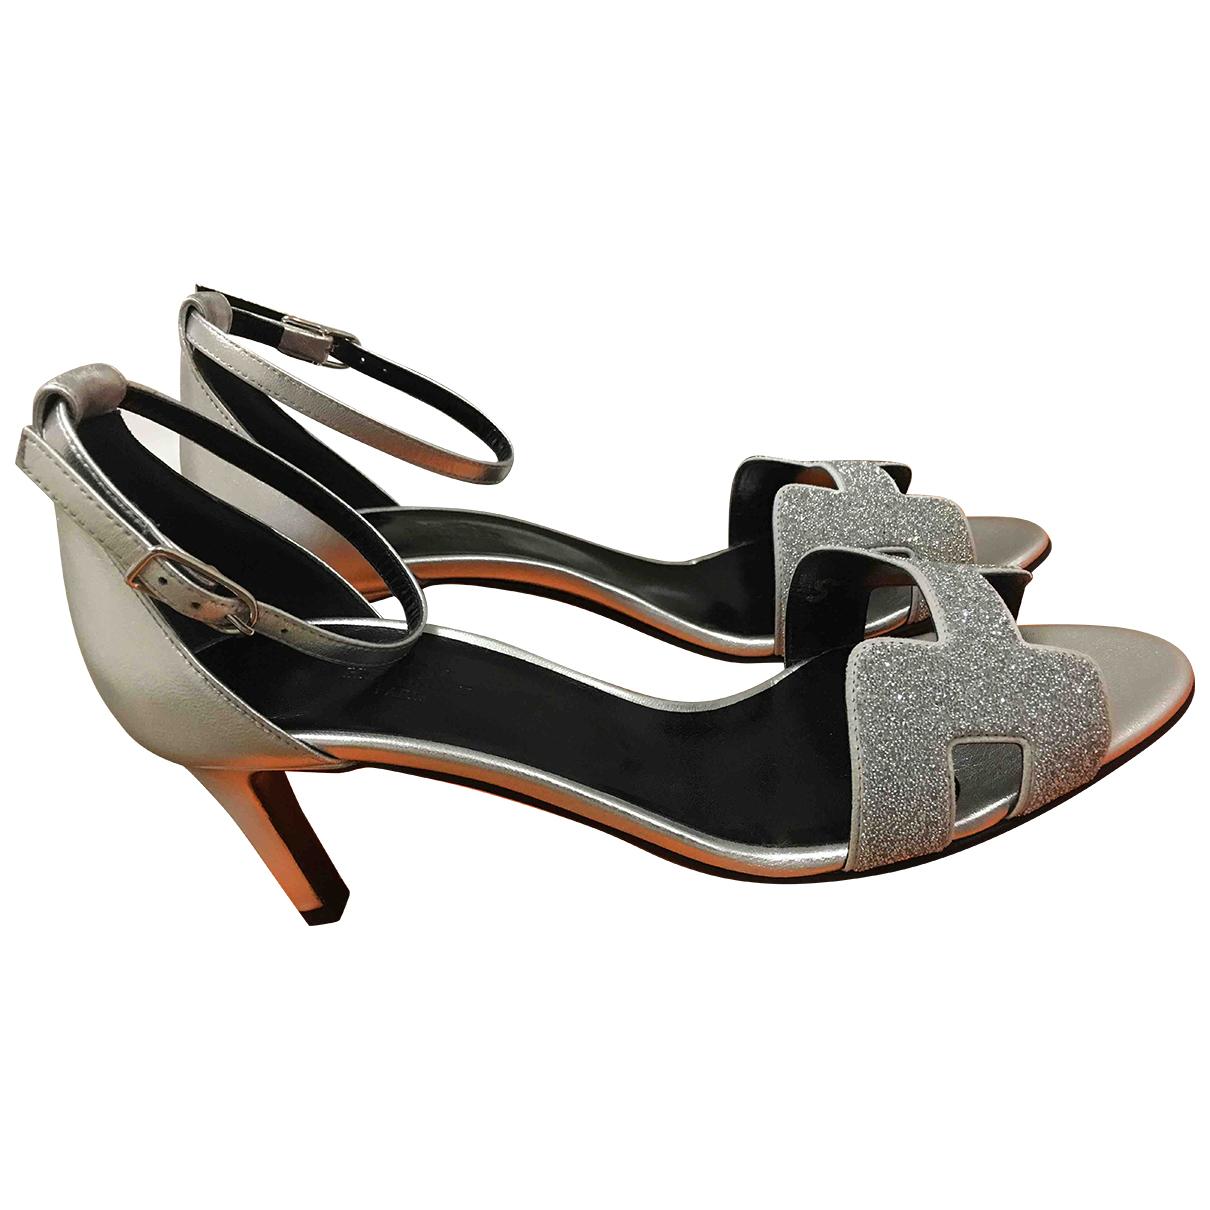 Hermes - Sandales Premiere pour femme en cuir - argente